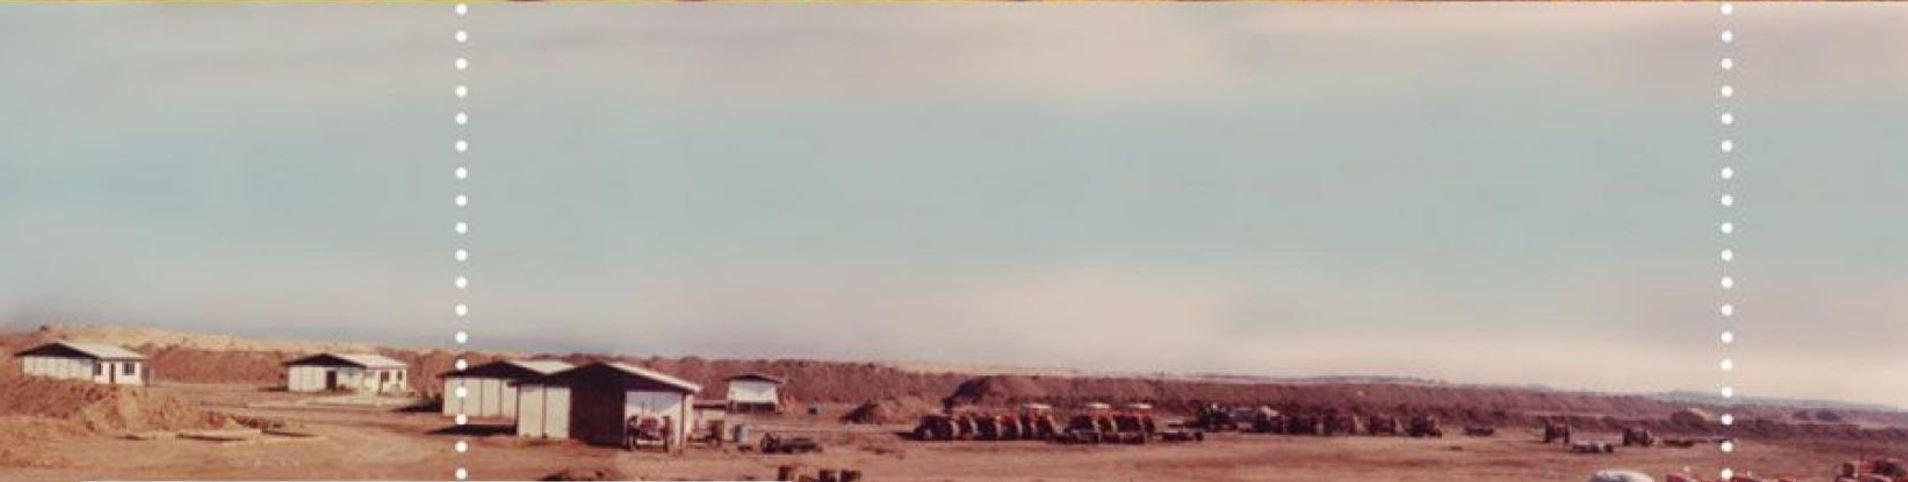 Irak Abu Ghraib Sulama Projesi